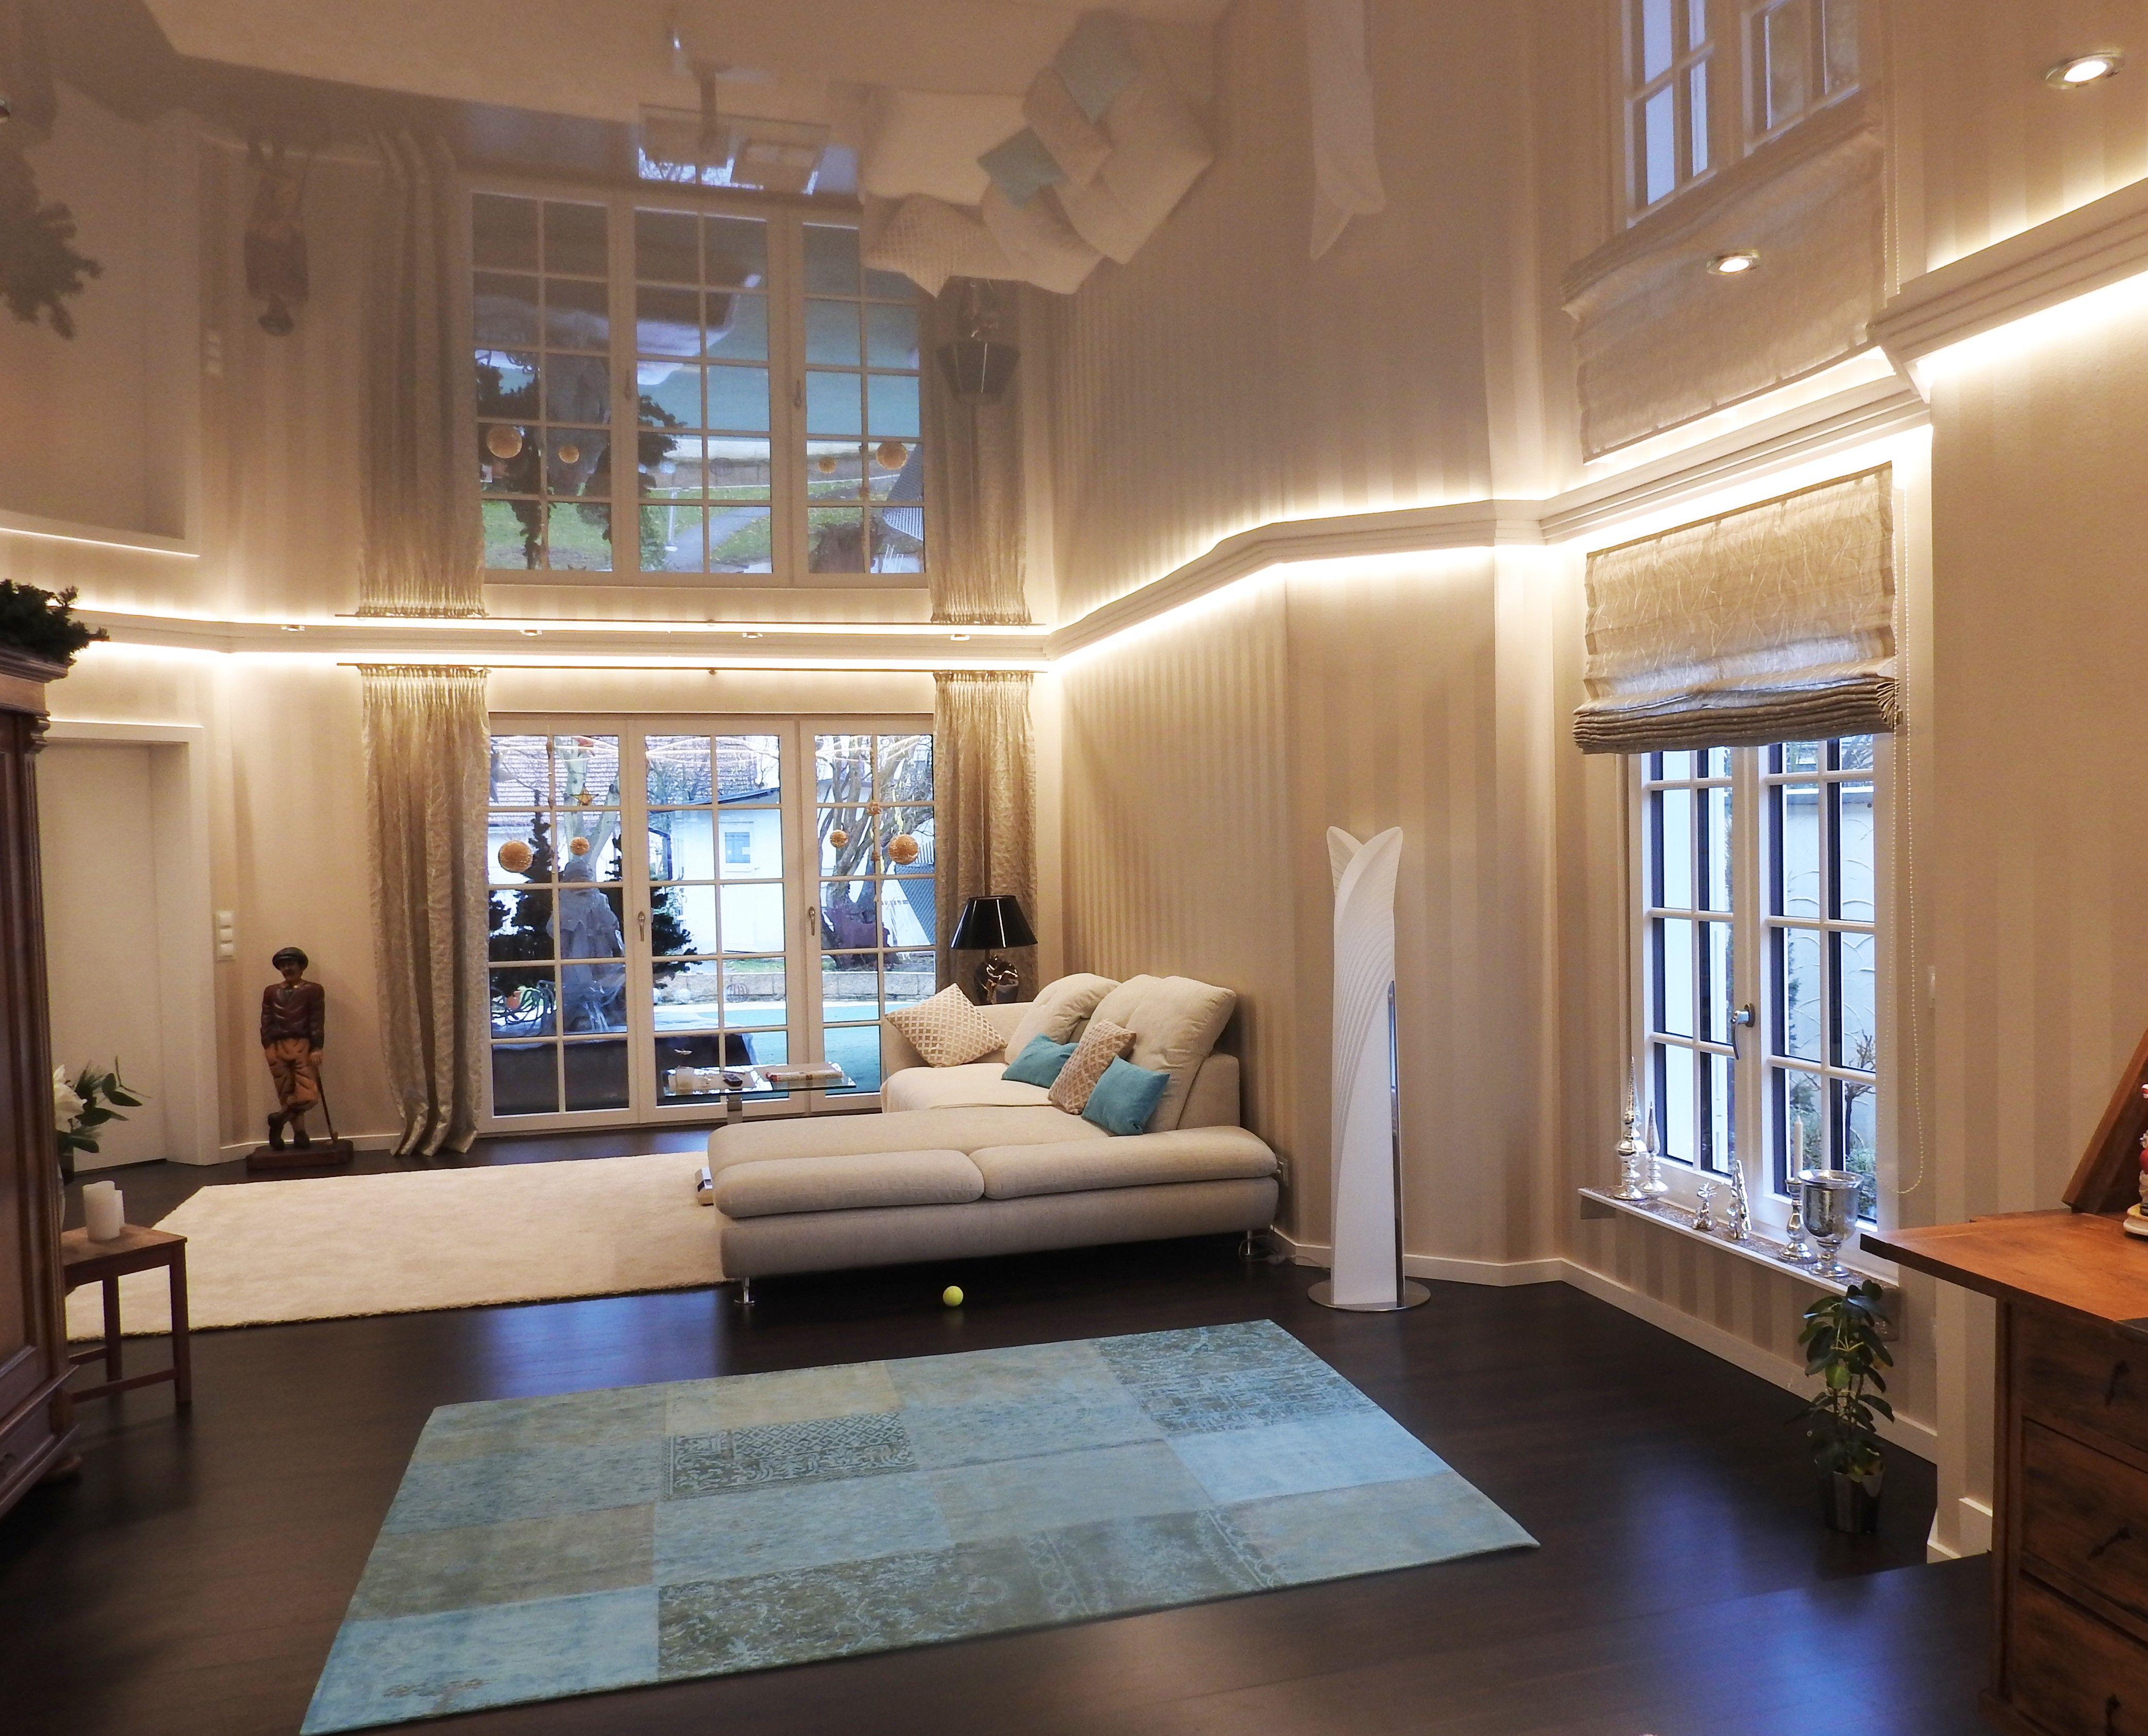 moderne deckengestaltung mit eine spanndecke der firma haege aus ha loch lichtdecken. Black Bedroom Furniture Sets. Home Design Ideas